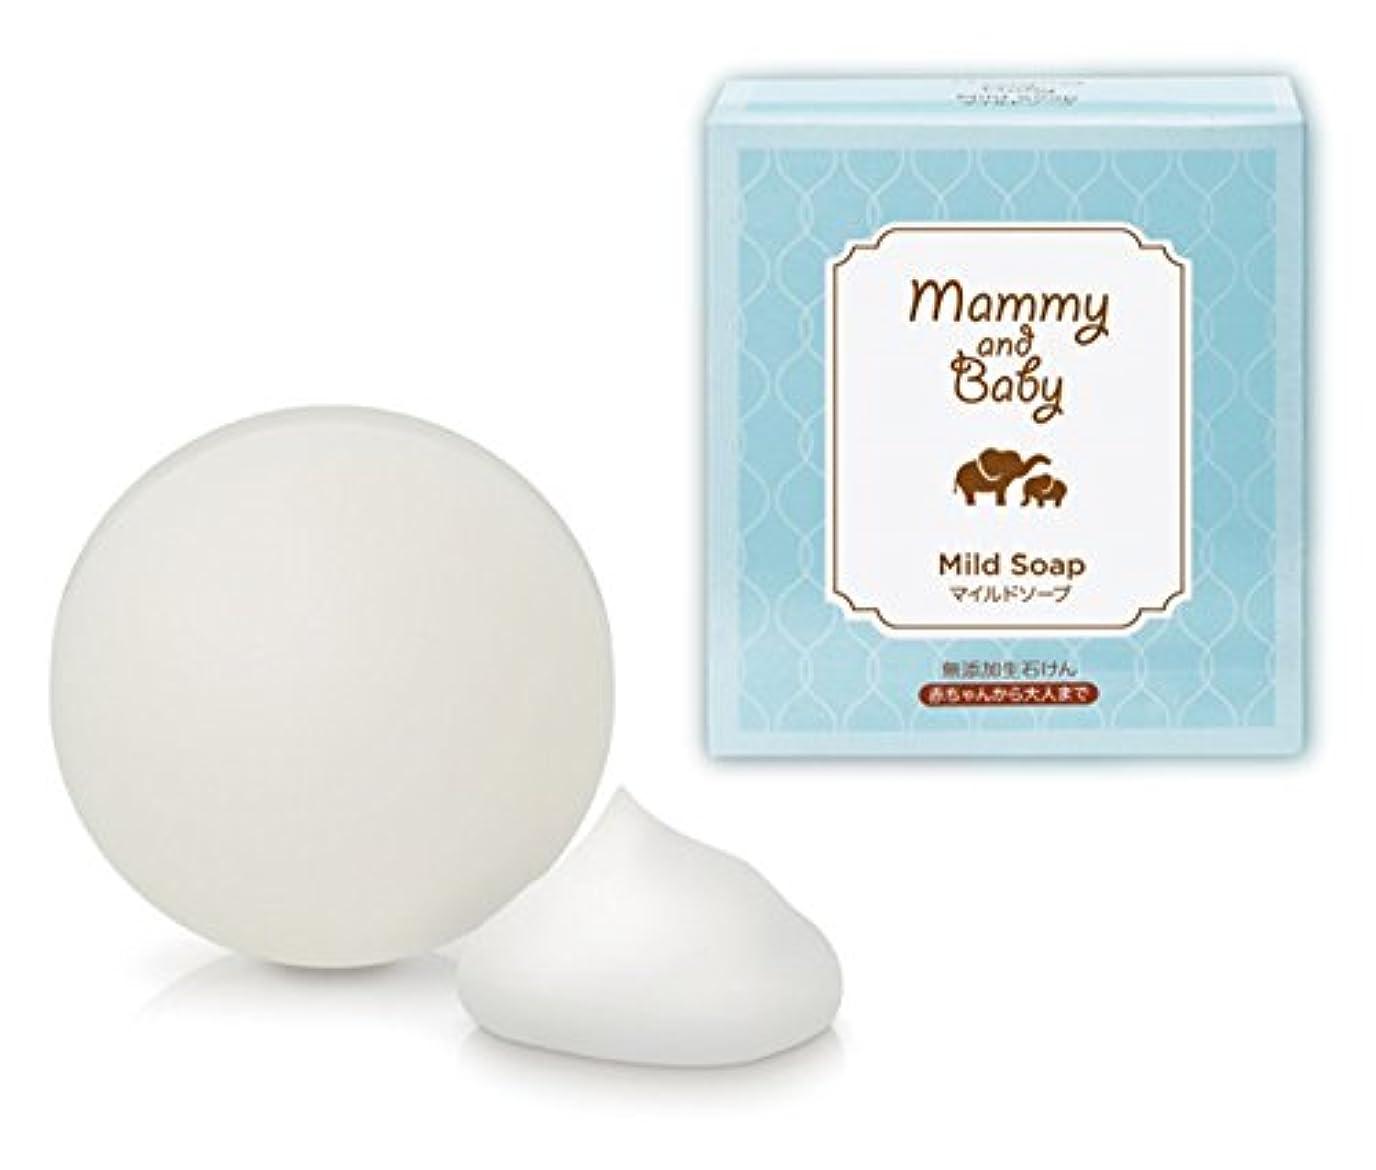 半円バンカーくつろぐMammy & Baby マイルドソープ 無添加生石鹸 2個組